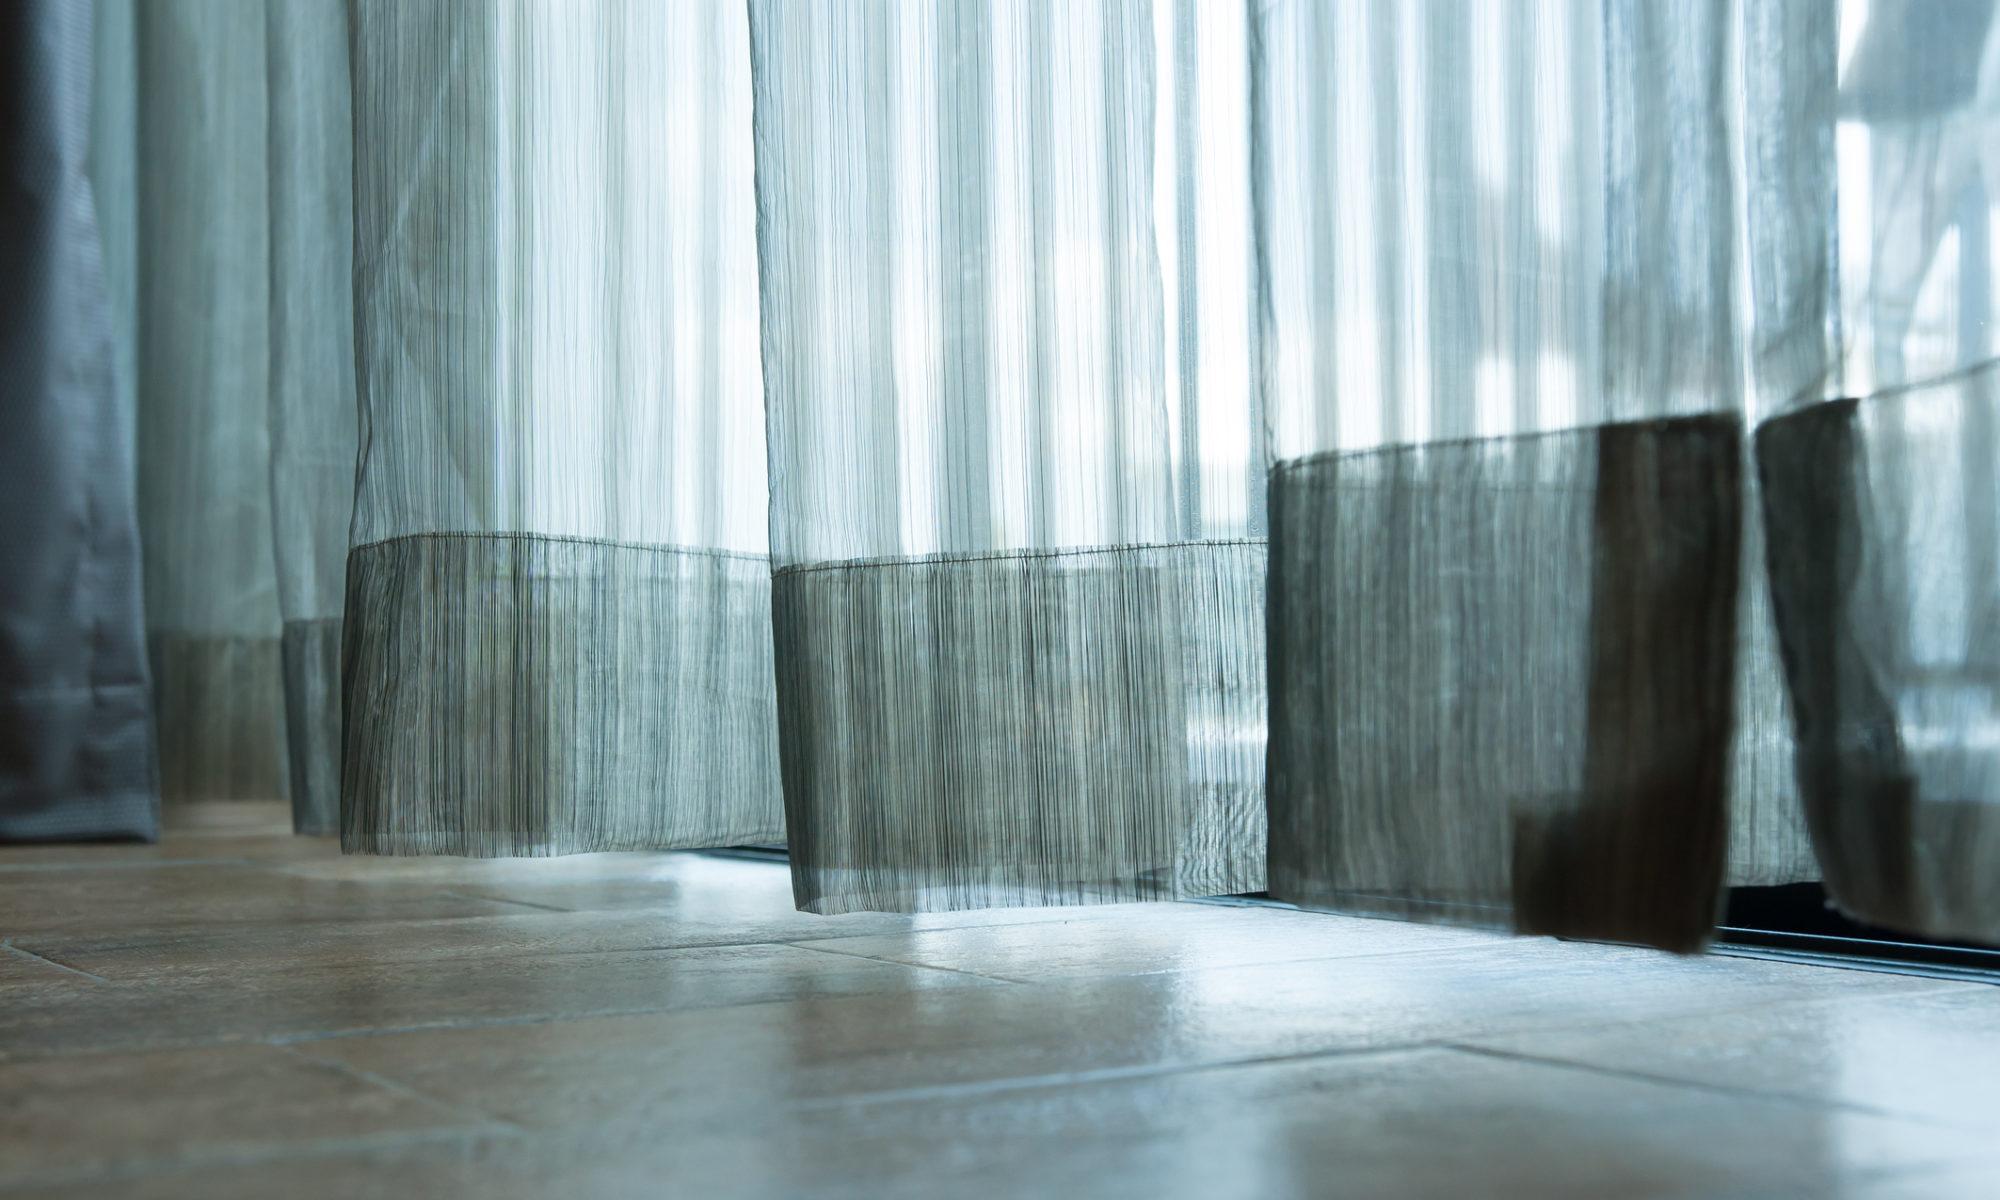 vorh nge gardinen favorit kleiderreinigung. Black Bedroom Furniture Sets. Home Design Ideas